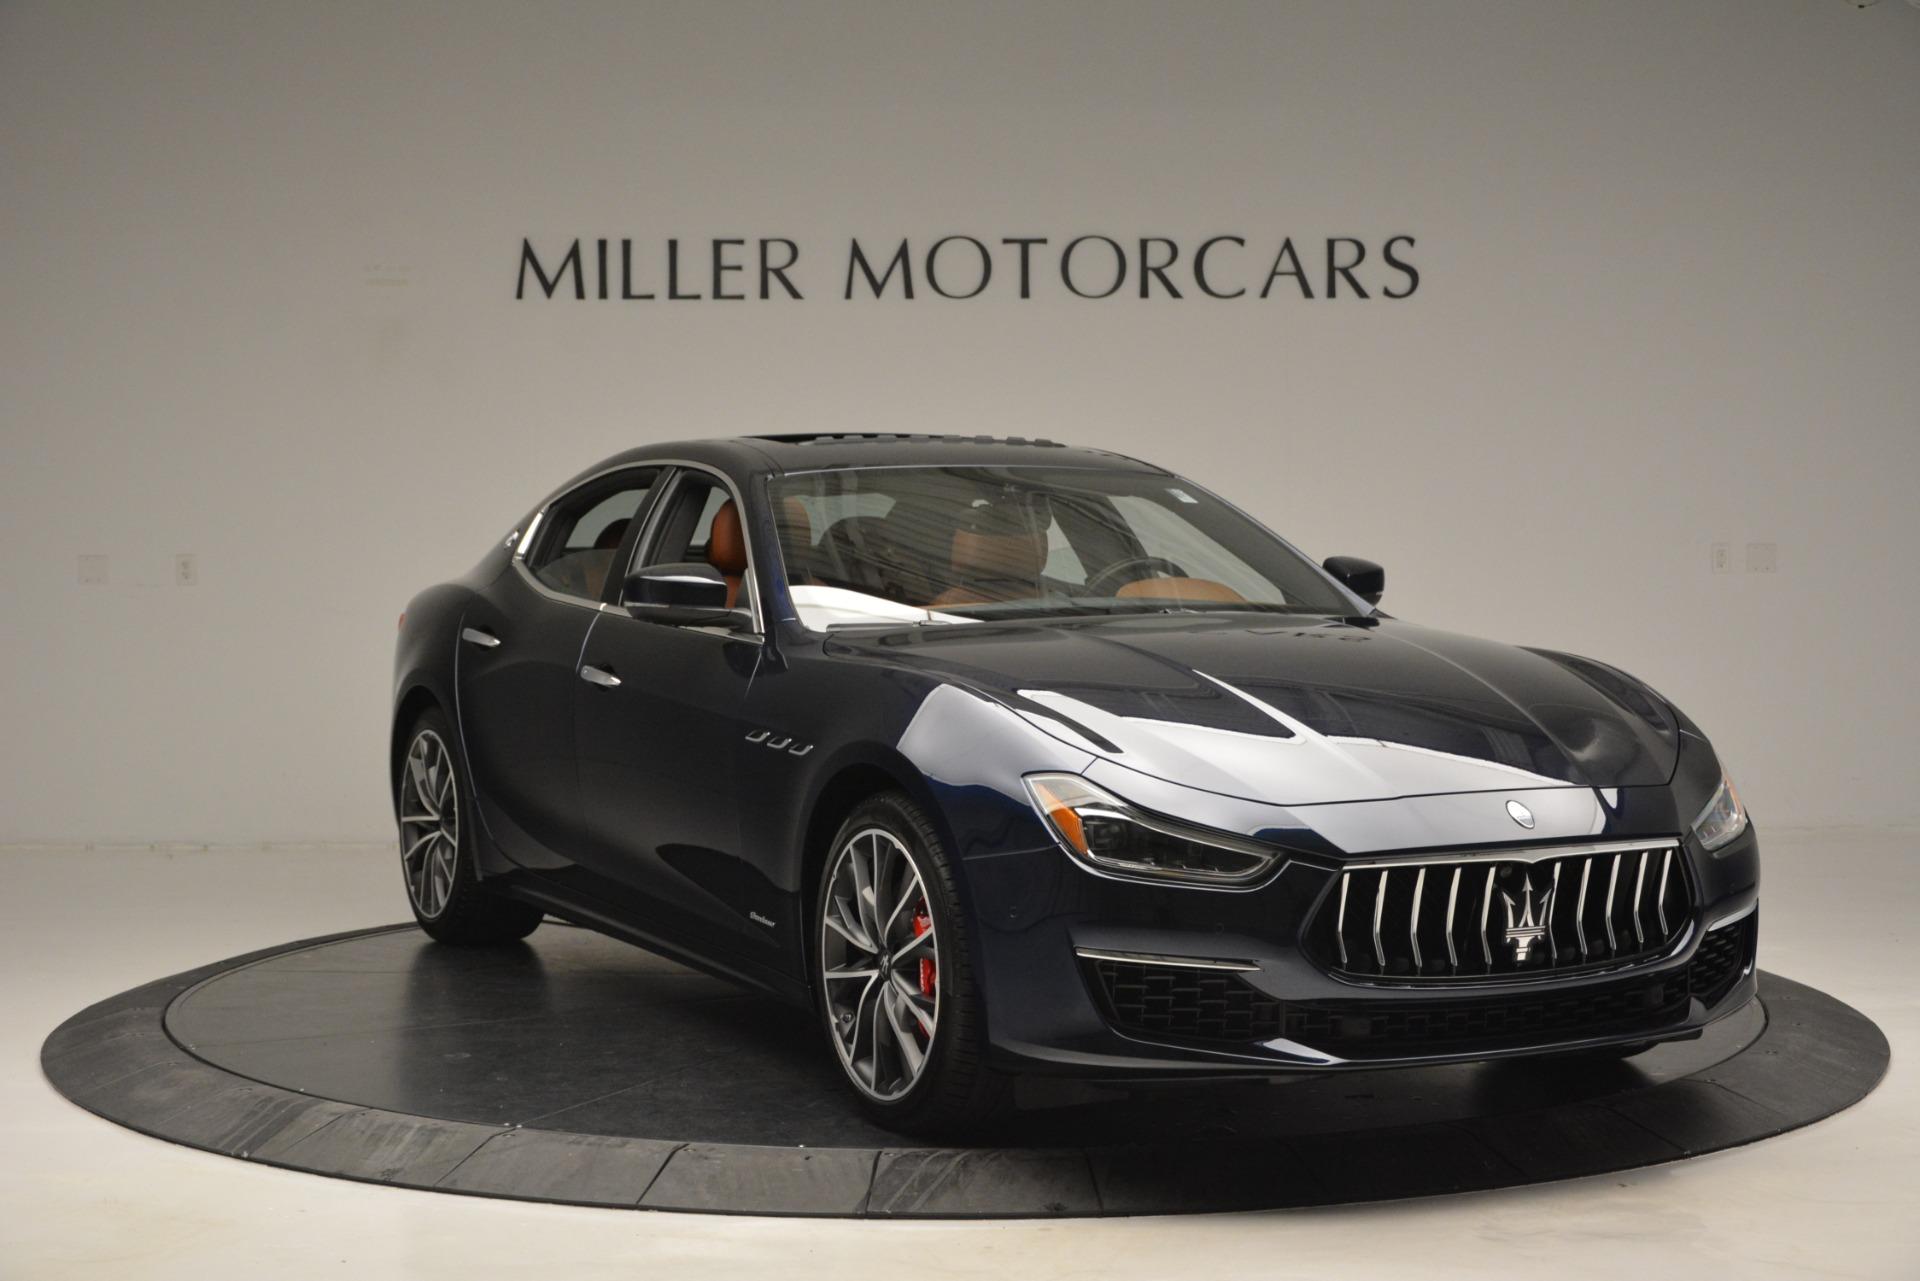 New 2019 Maserati Ghibli S Q4 GranLusso For Sale In Greenwich, CT. Alfa Romeo of Greenwich, M2251 2882_p16